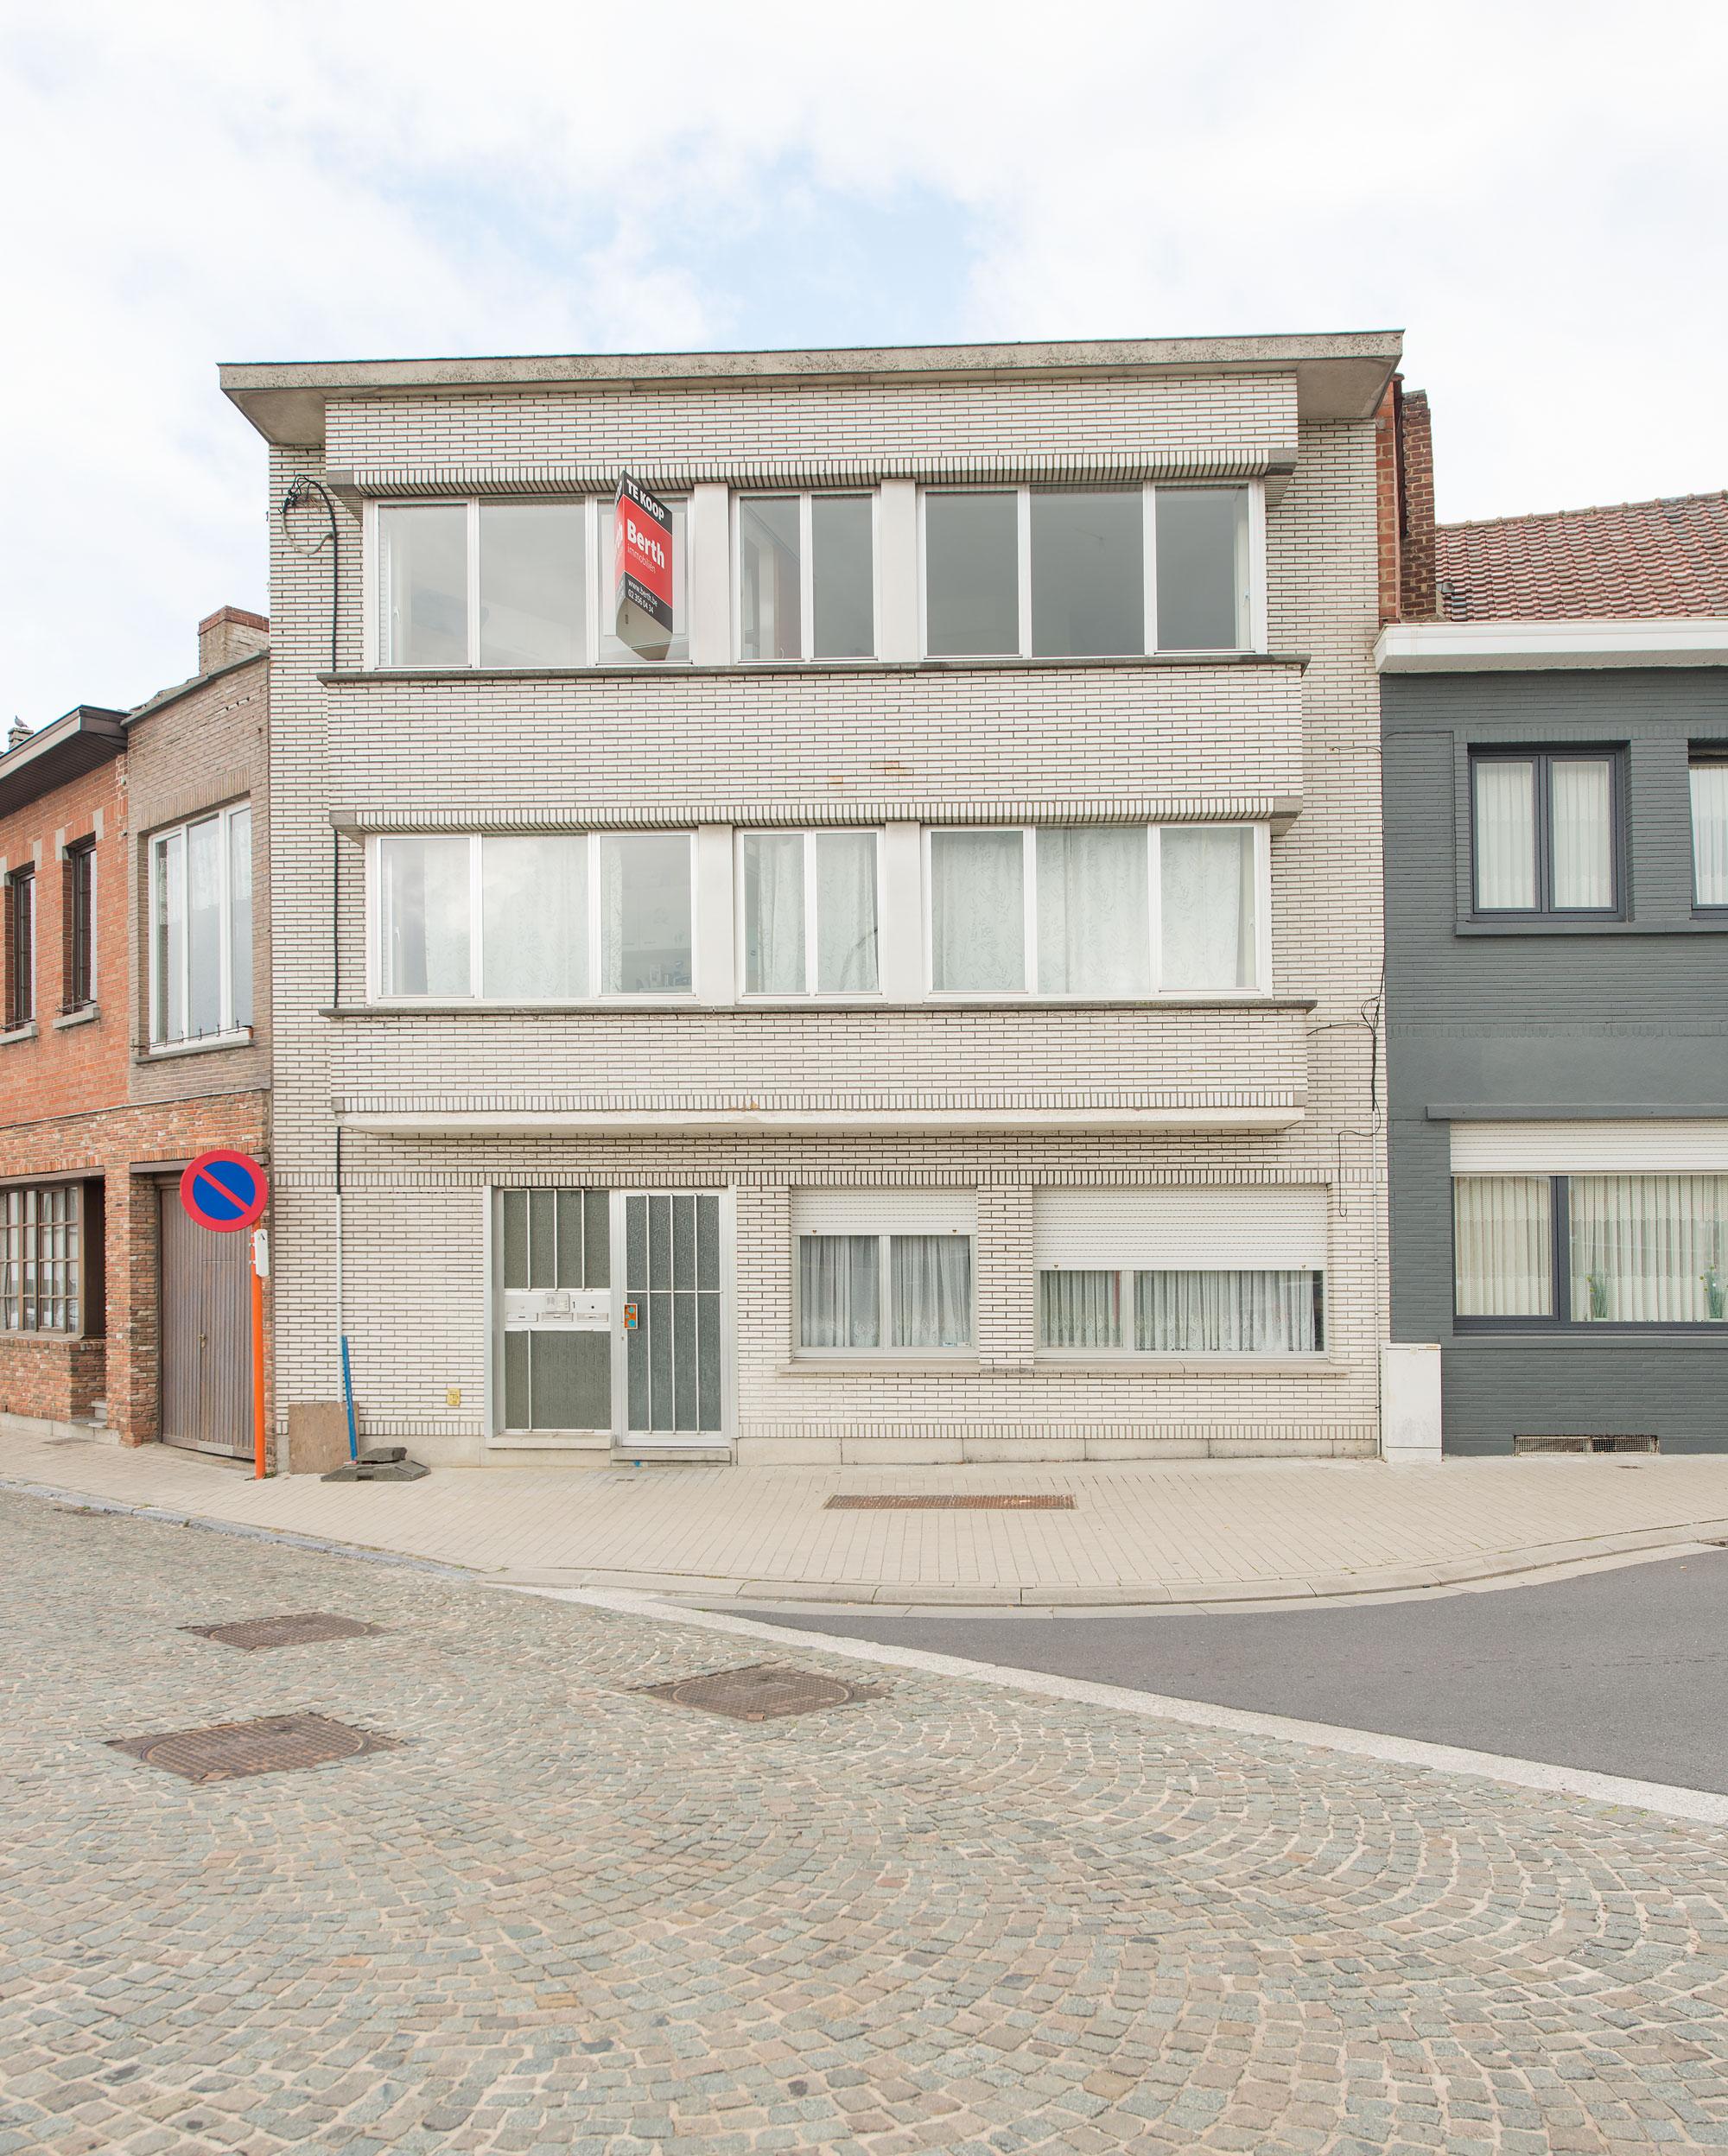 Borreweg 1,  Halle